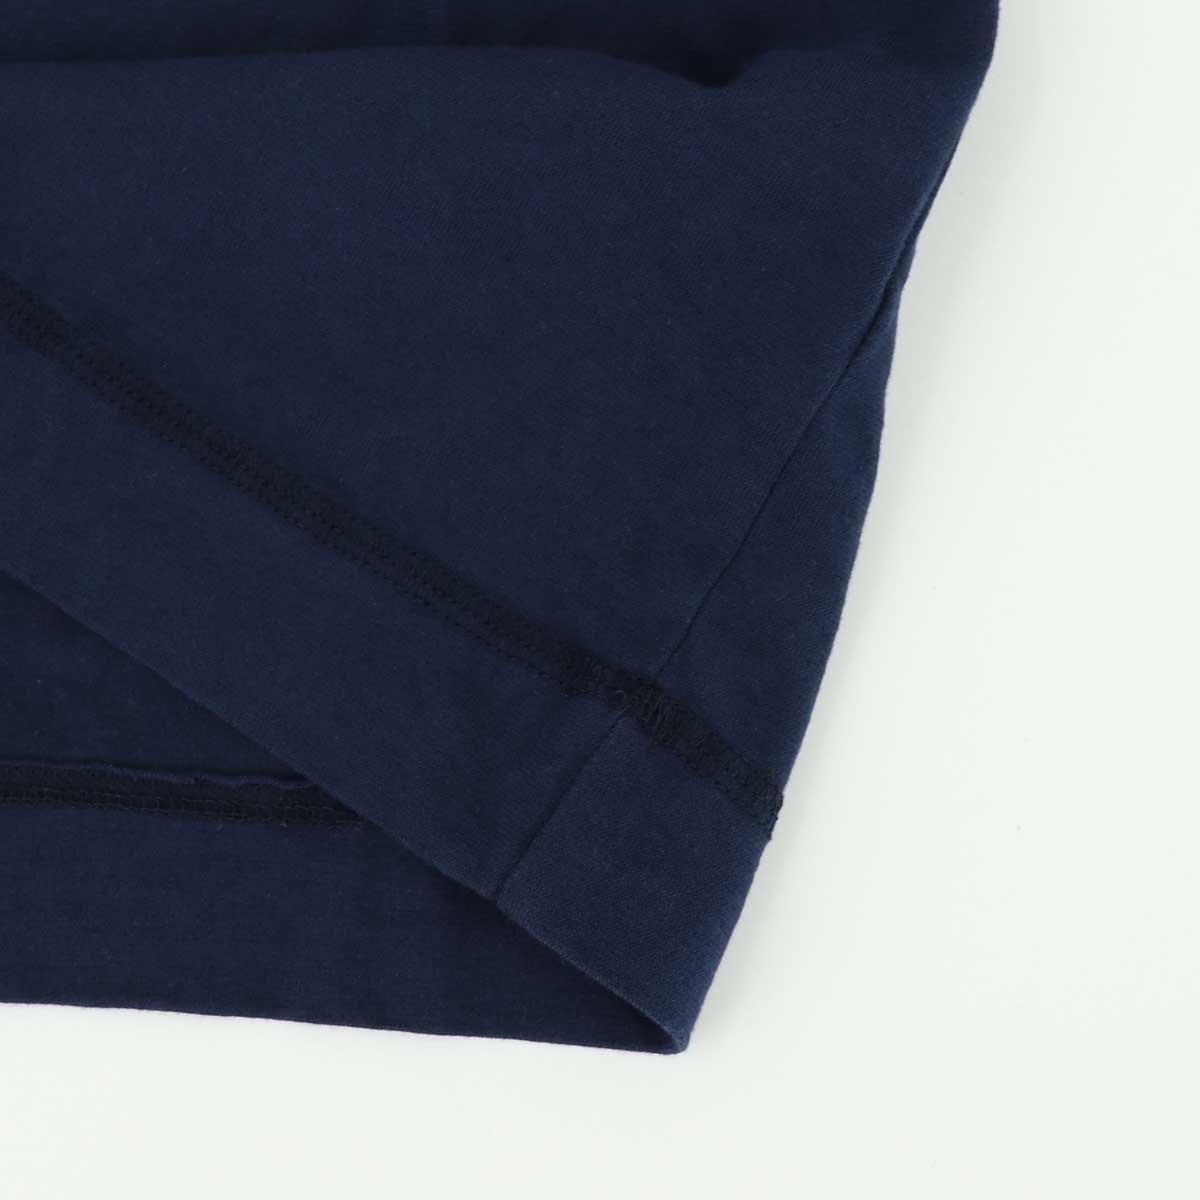 クルーネックTシャツ 刺繍配色(NAVY)